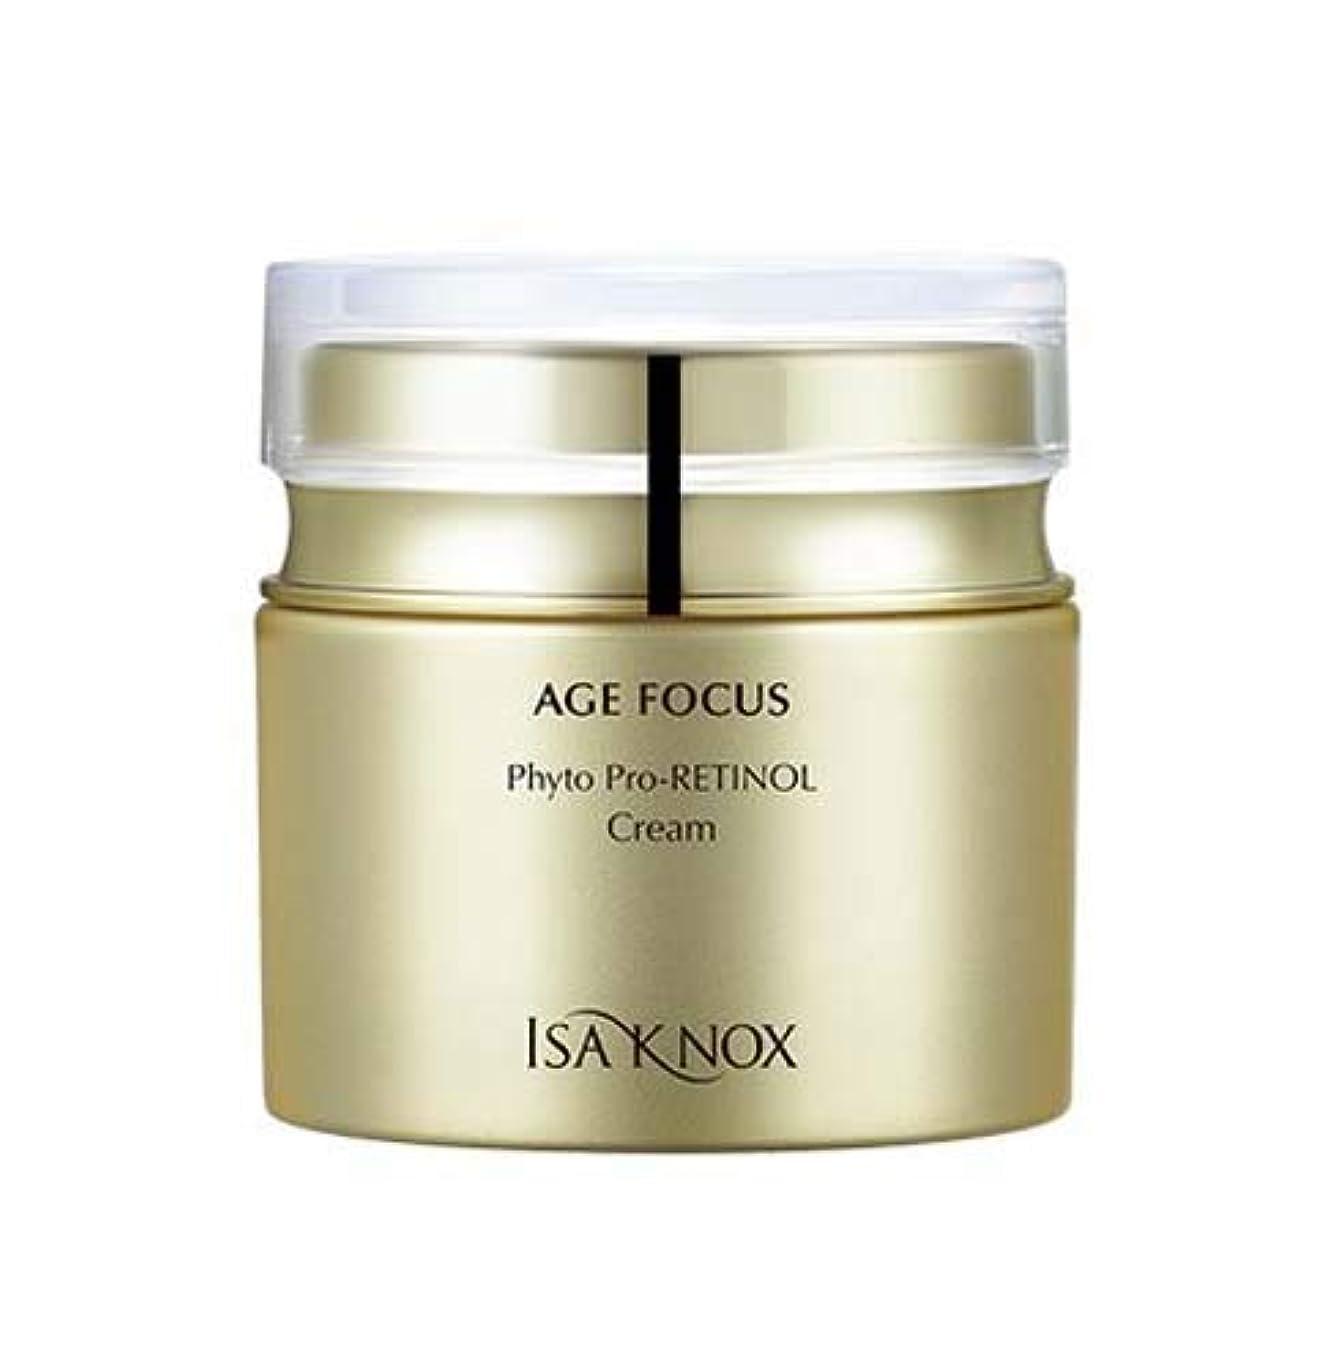 [イザノックス] ISA KNOX [エイジフォーカス フィト プロレチノール クリーム 50ml] AGE FOCUS Pro-Retinol Cream 50ml [海外直送品]